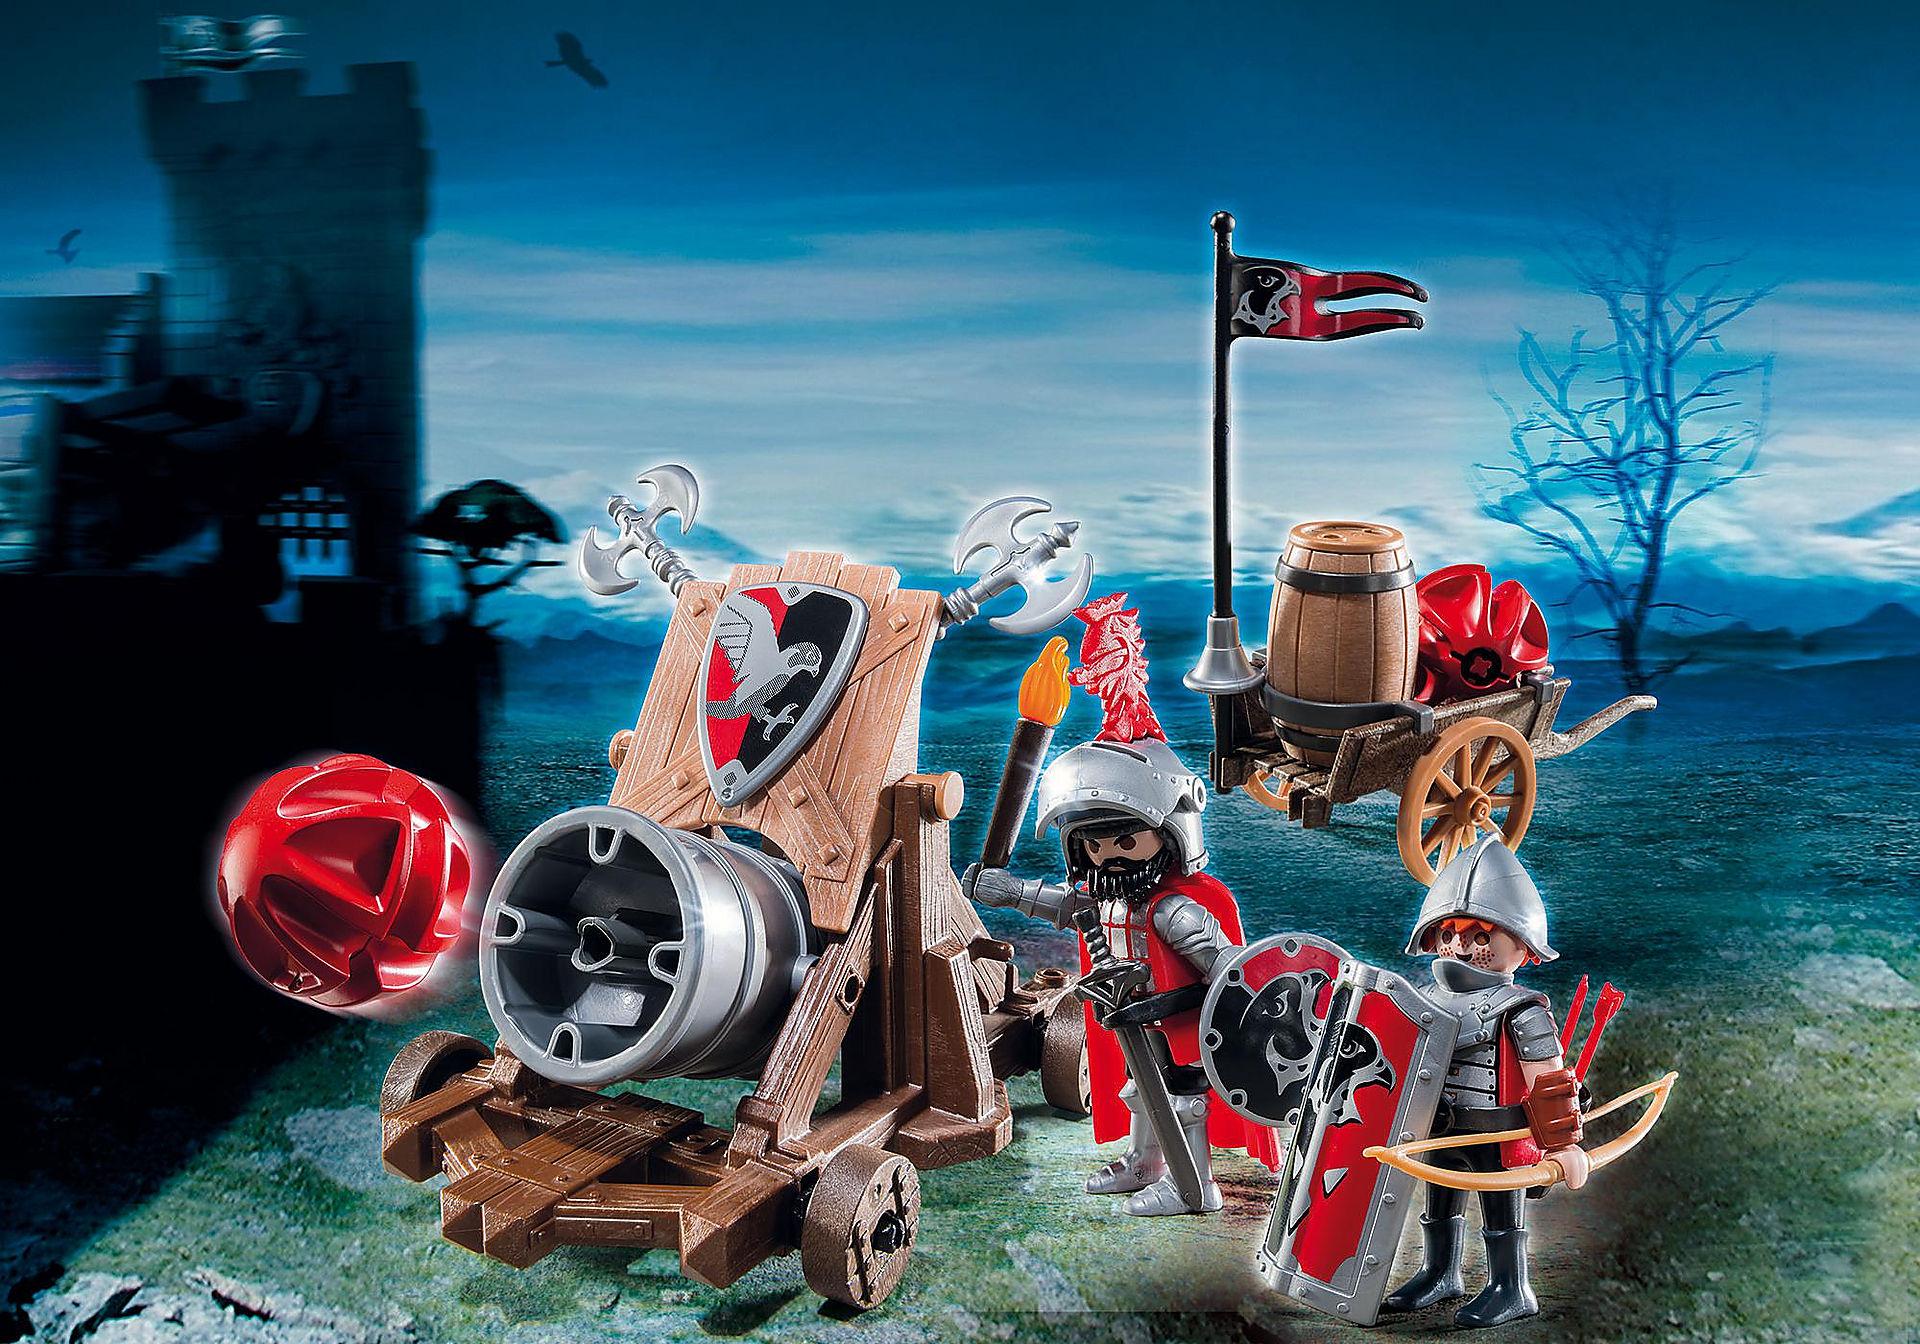 http://media.playmobil.com/i/playmobil/6038_product_detail/Örnriddarnas stridskanon